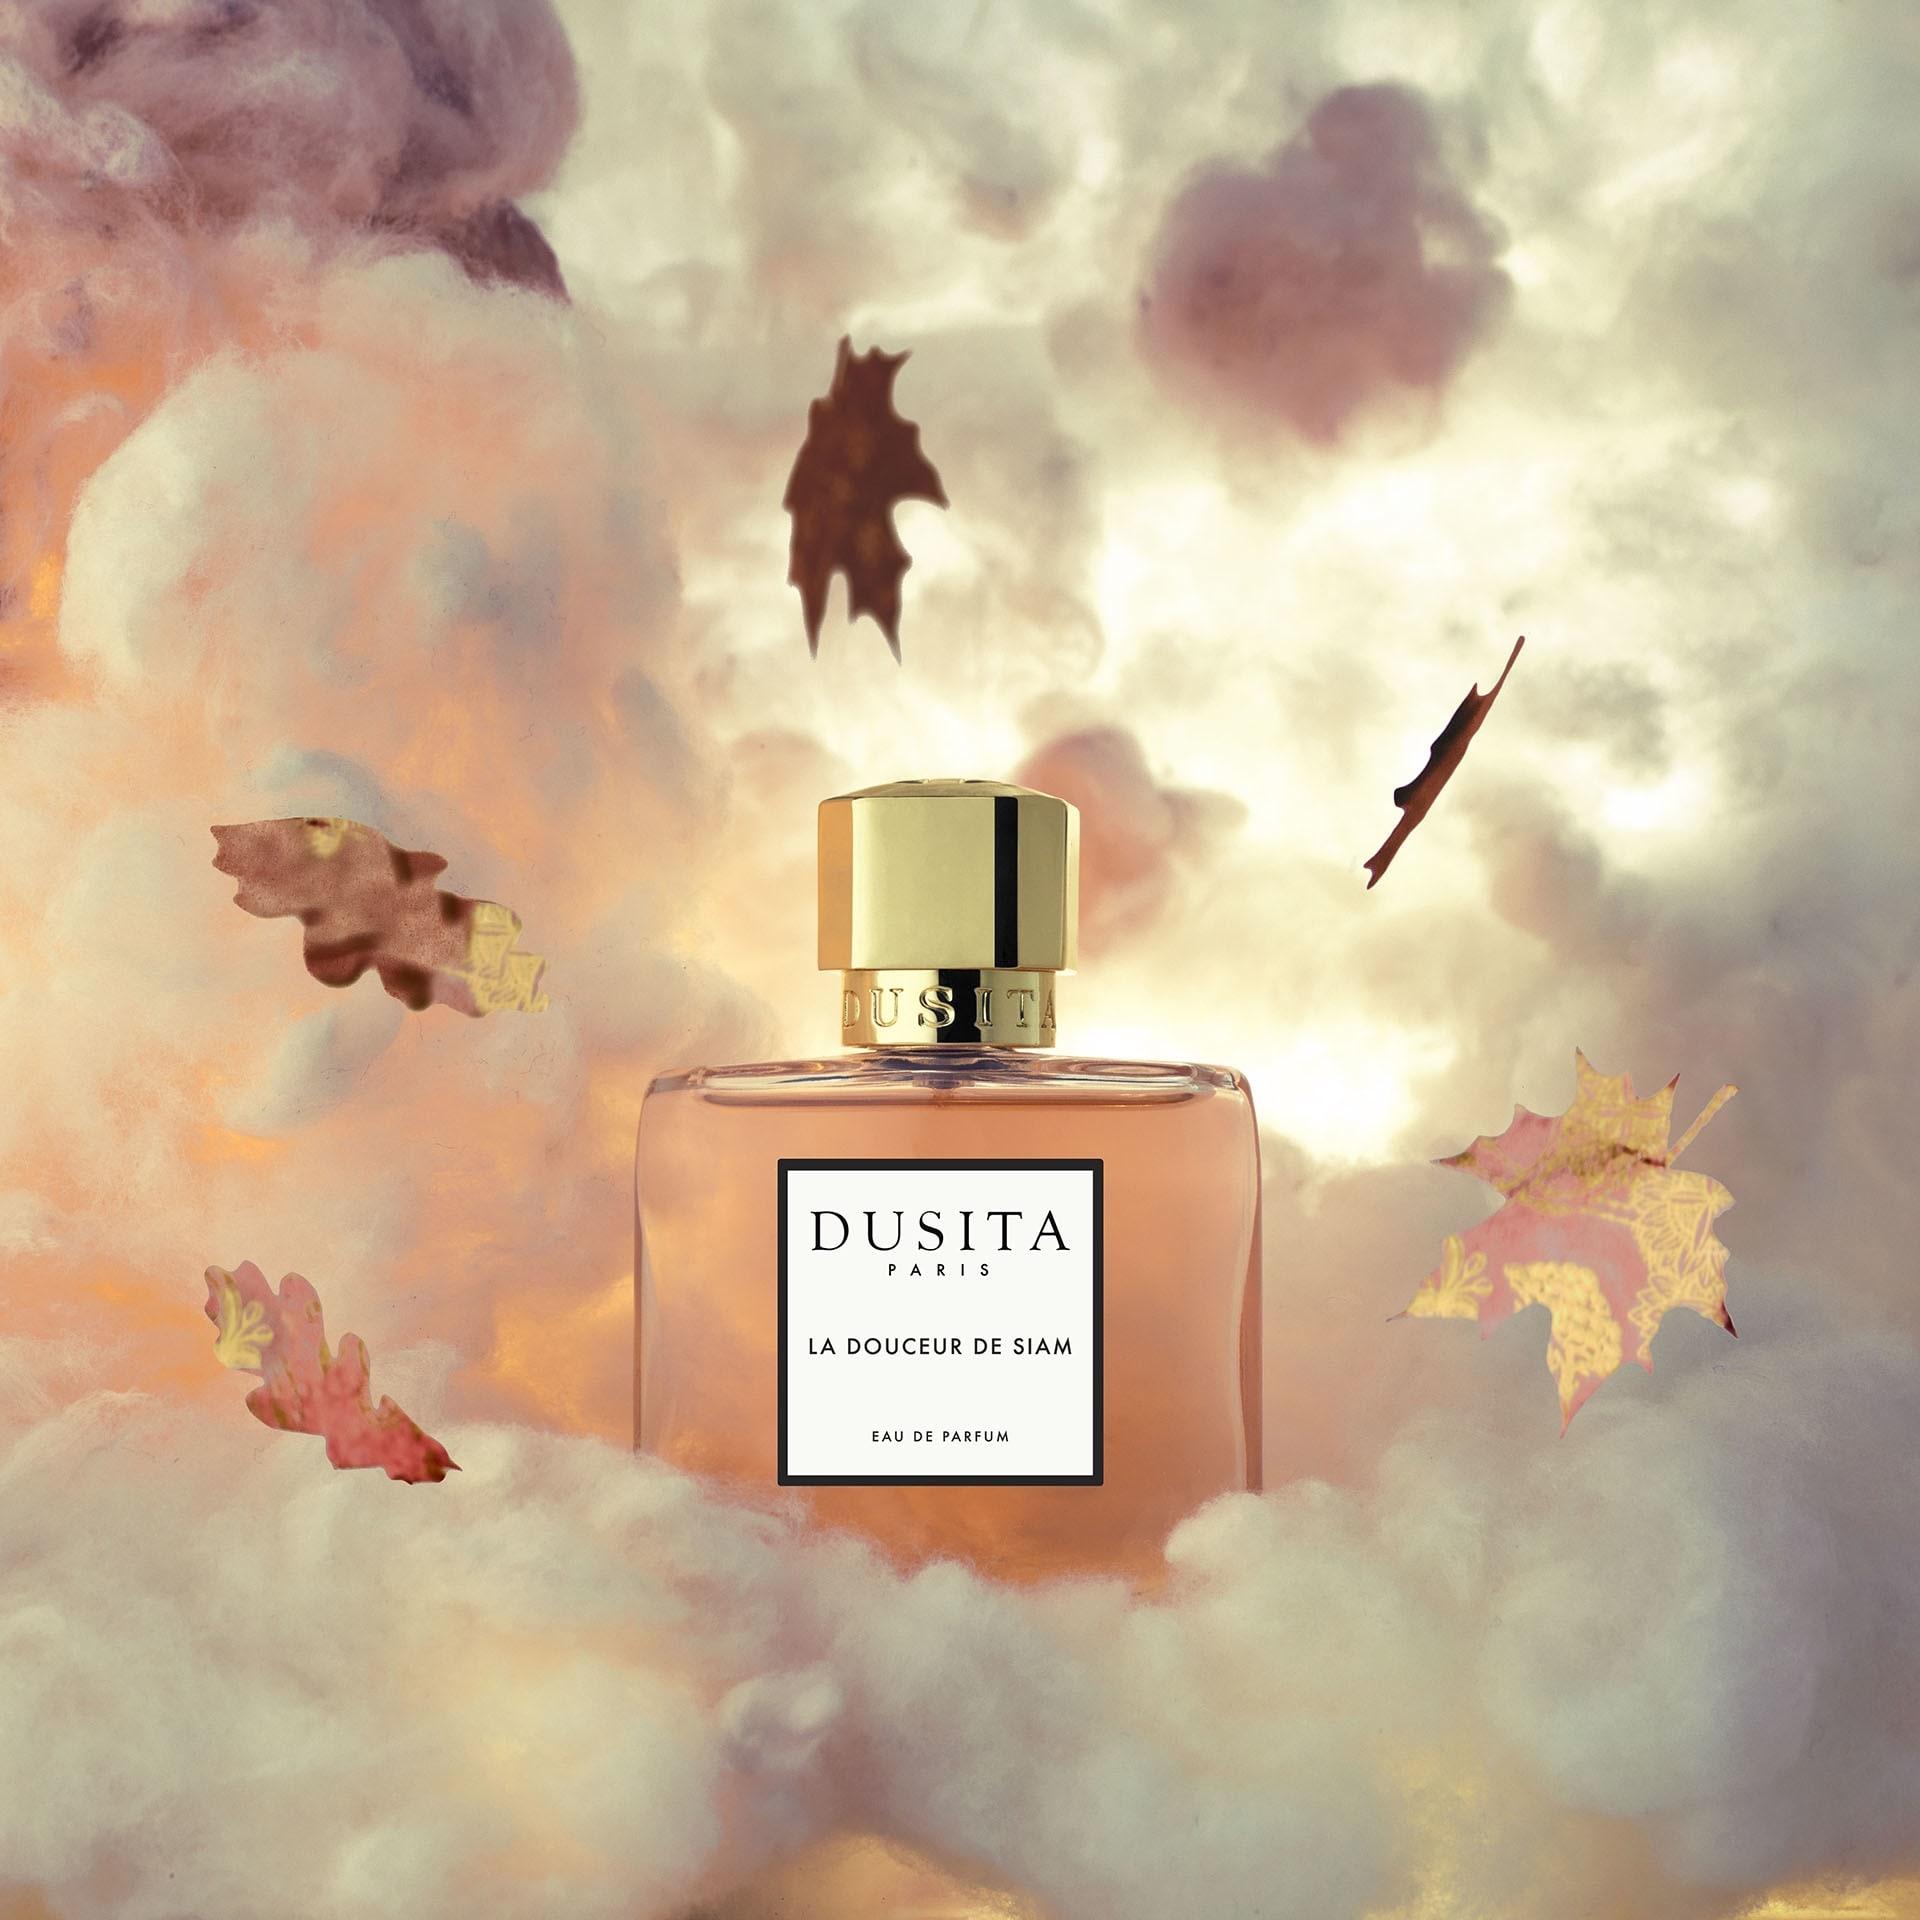 perfume-dusita-la-douceur-de-siam-1